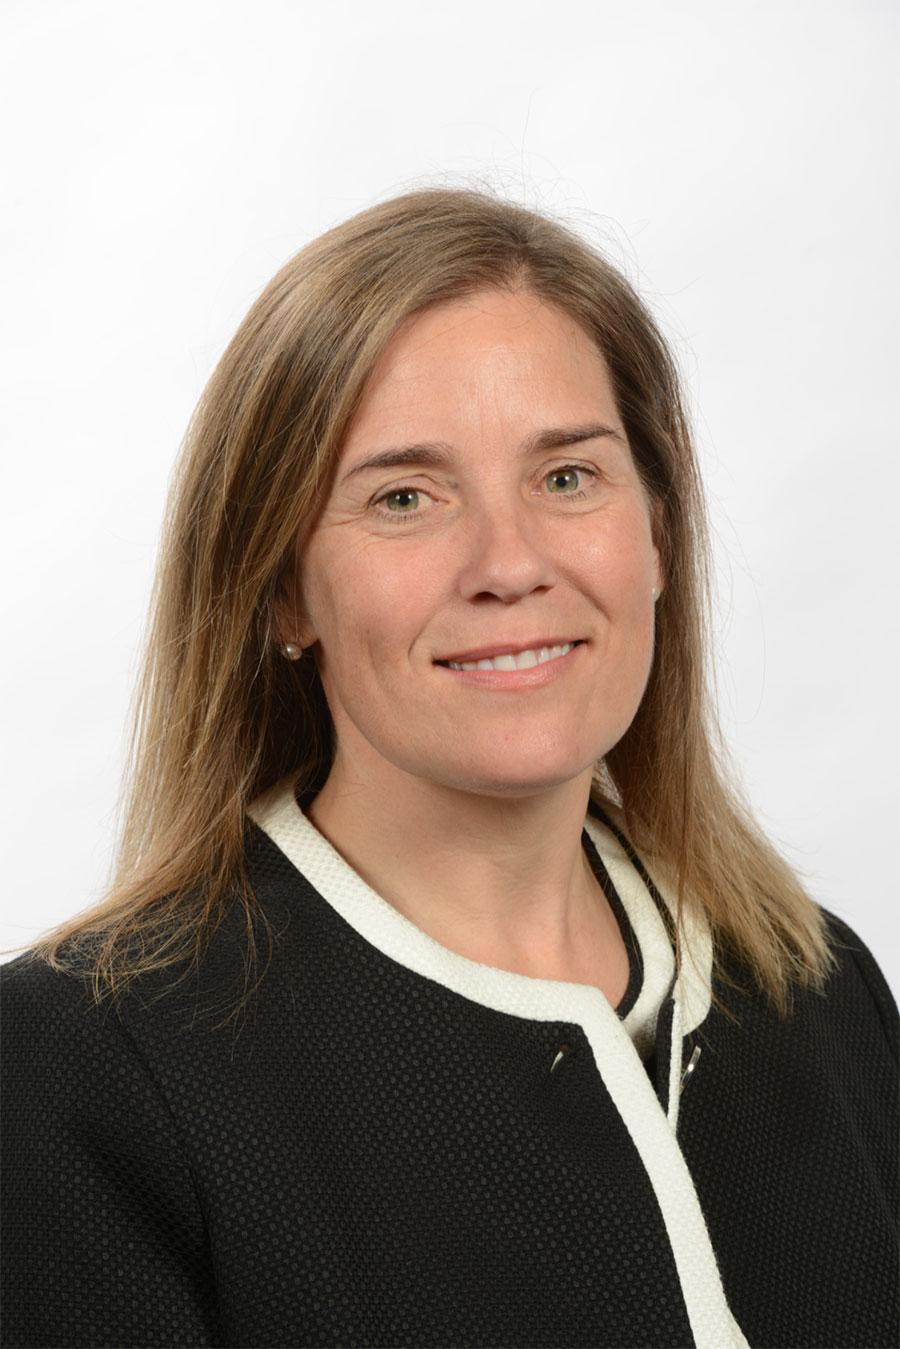 Teresa Aitken